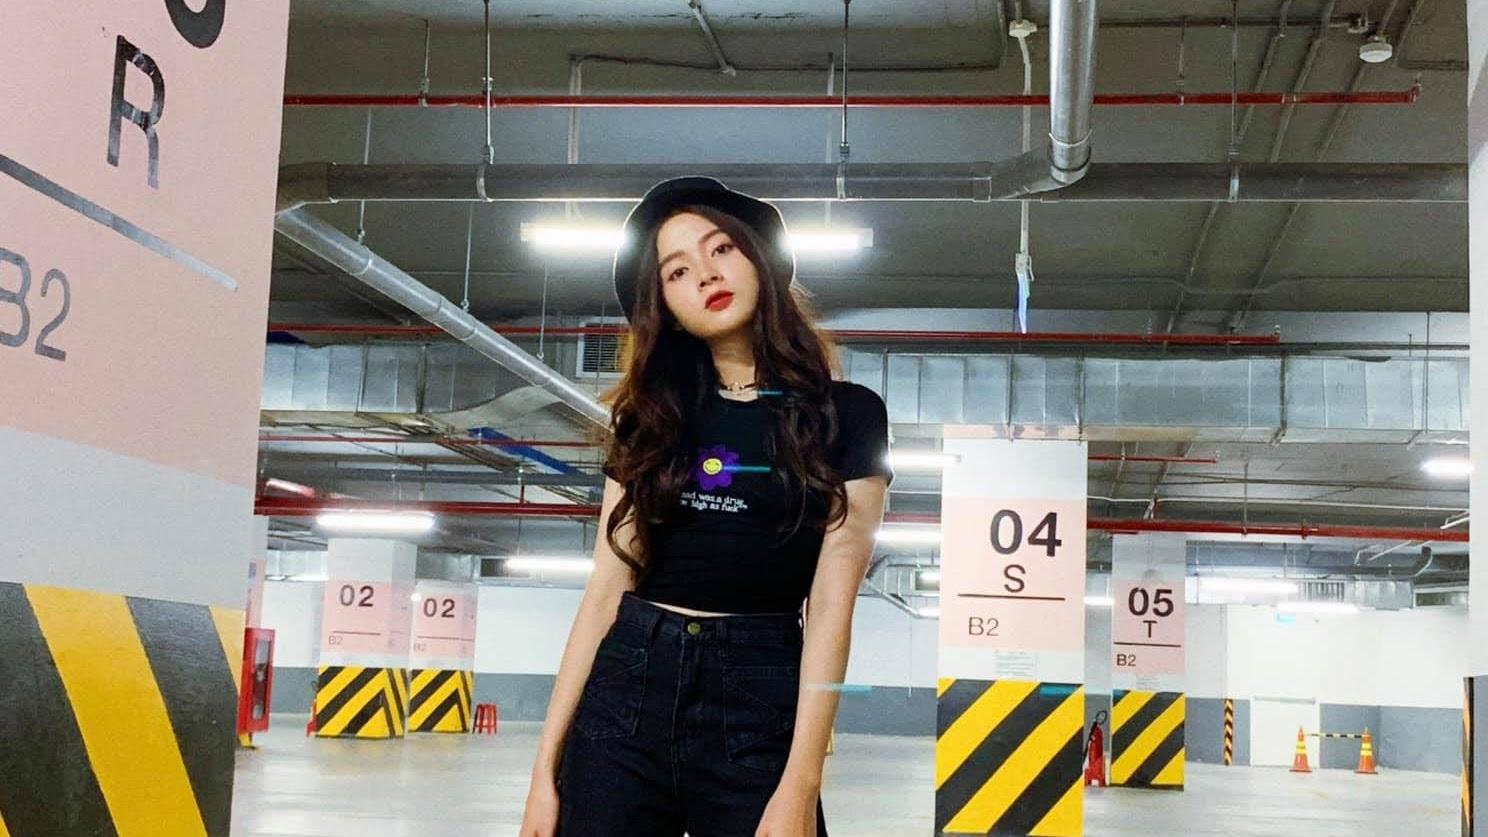 Viet Nam Hot Girl 5